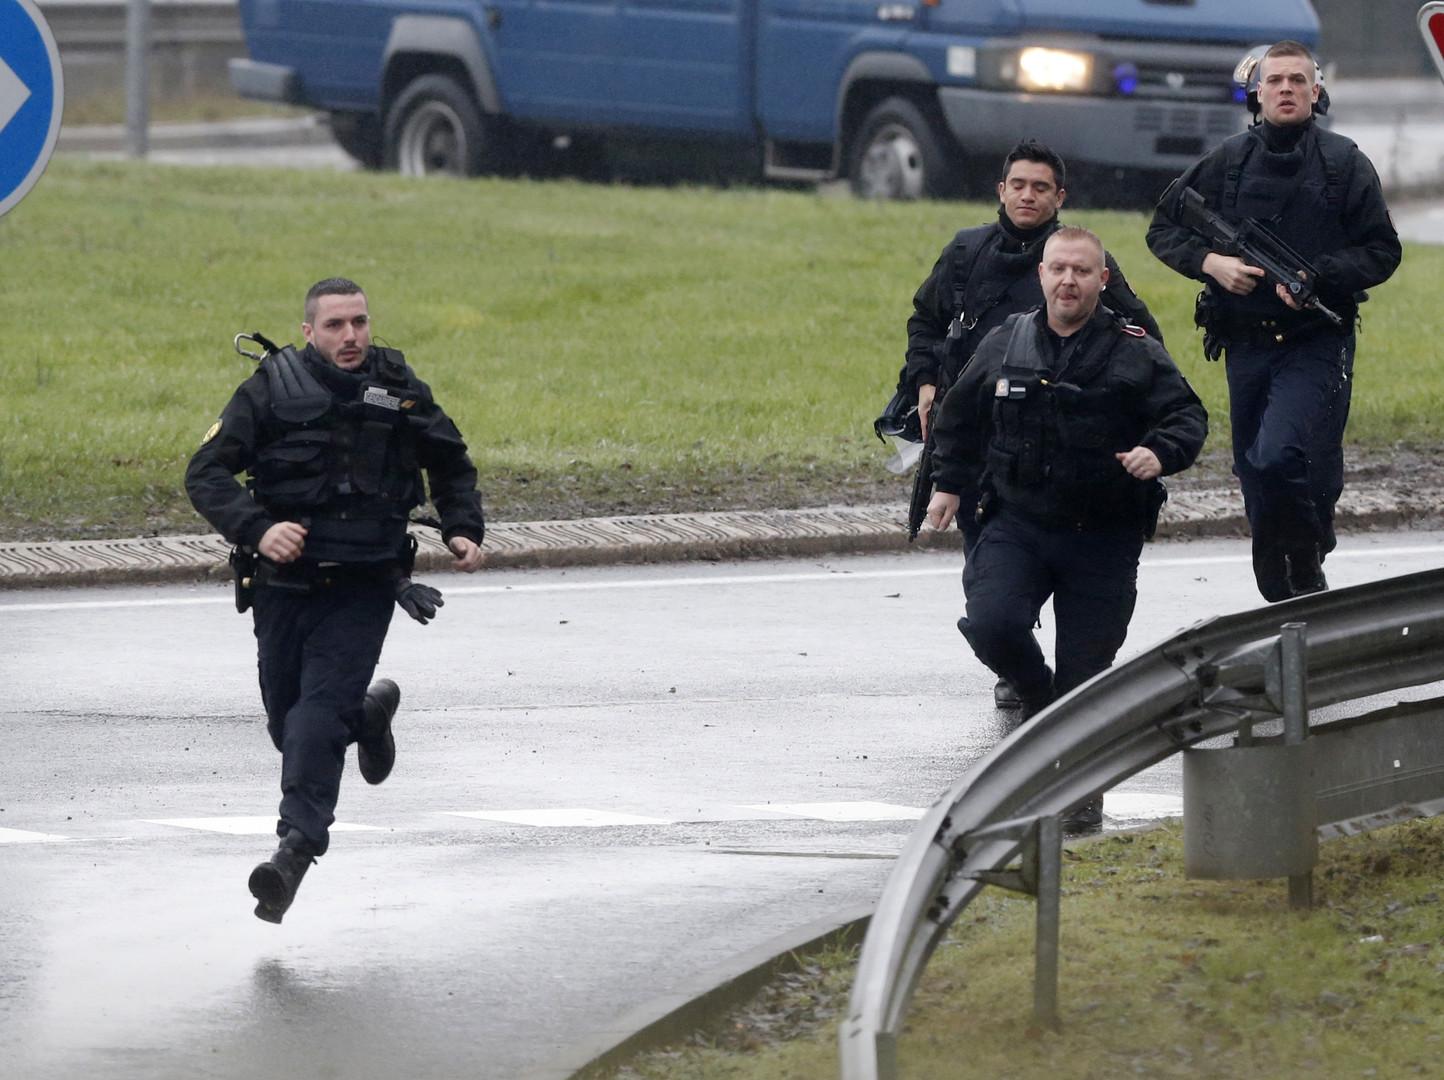 الشرطة البلجيكية تفكك خلية بروكسل الإرهابية.. وتسمية عبد الحميد أباعوض كمدبر هجمات باريس